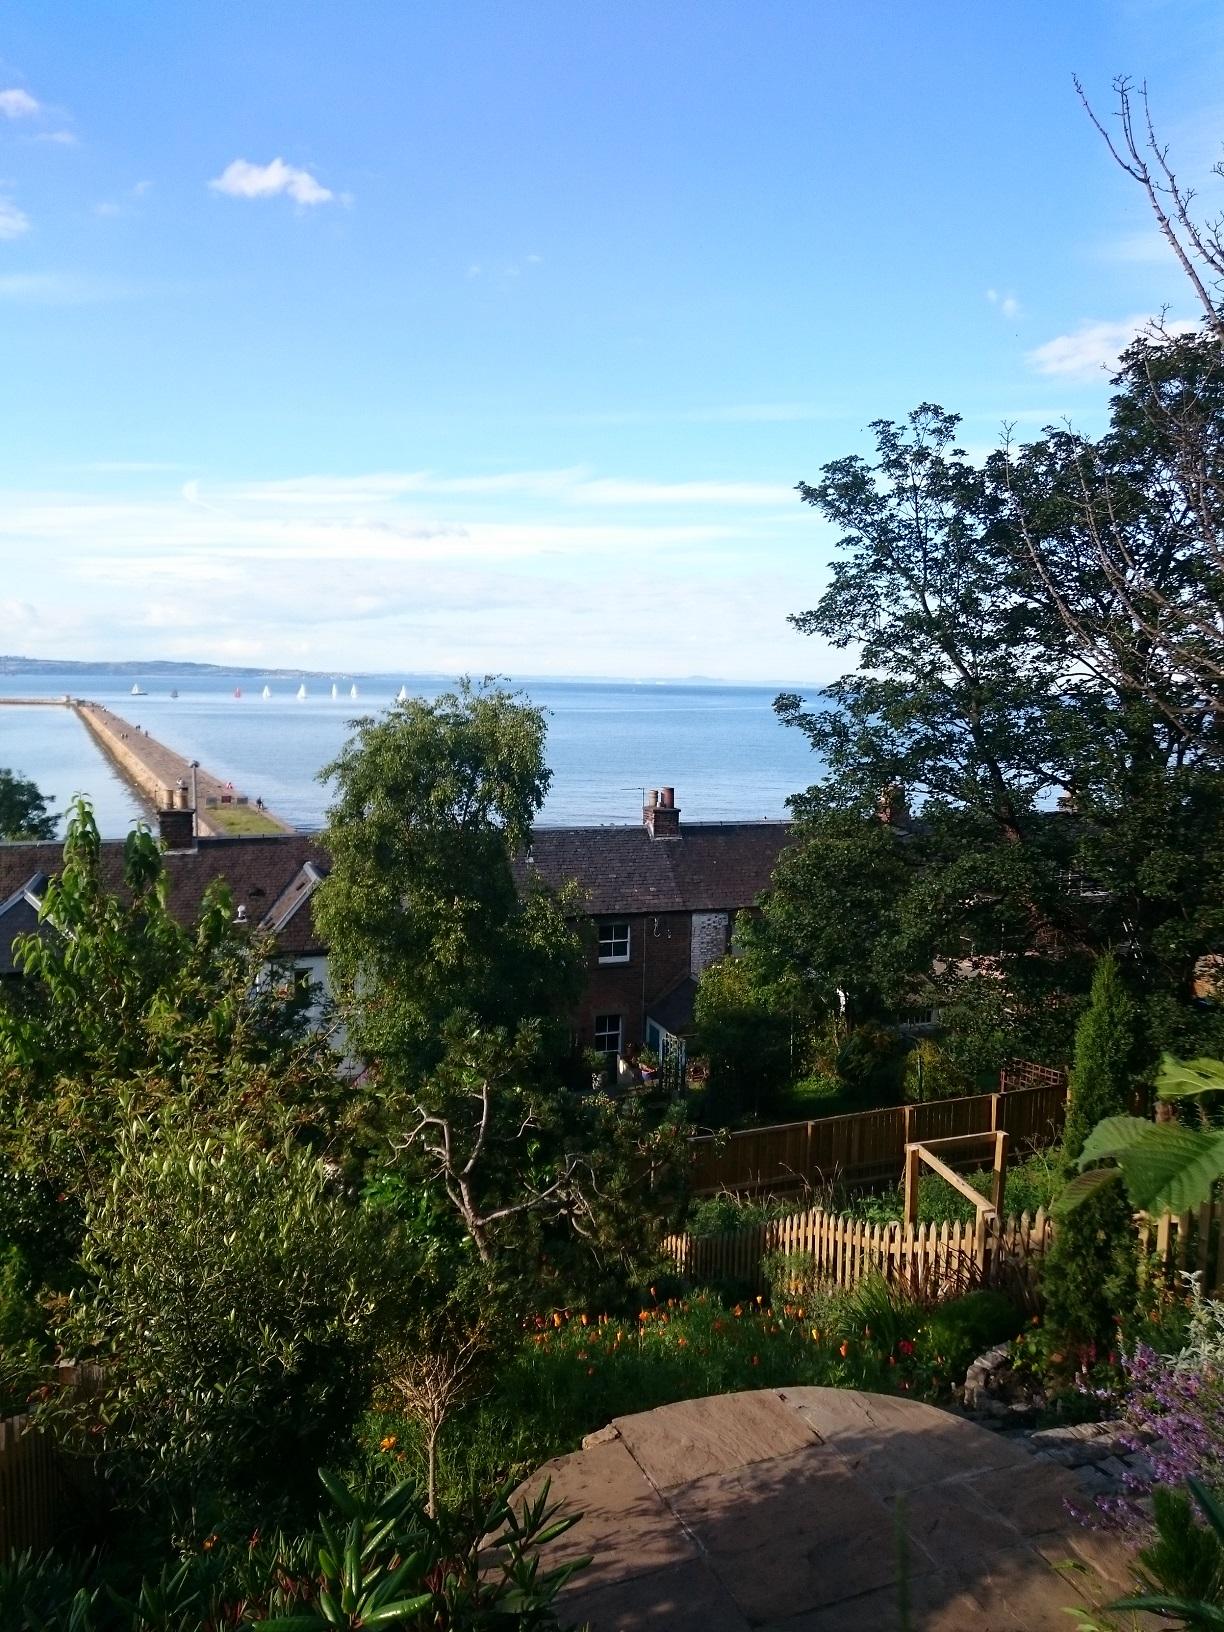 coastal patio with sea view Edinburgh